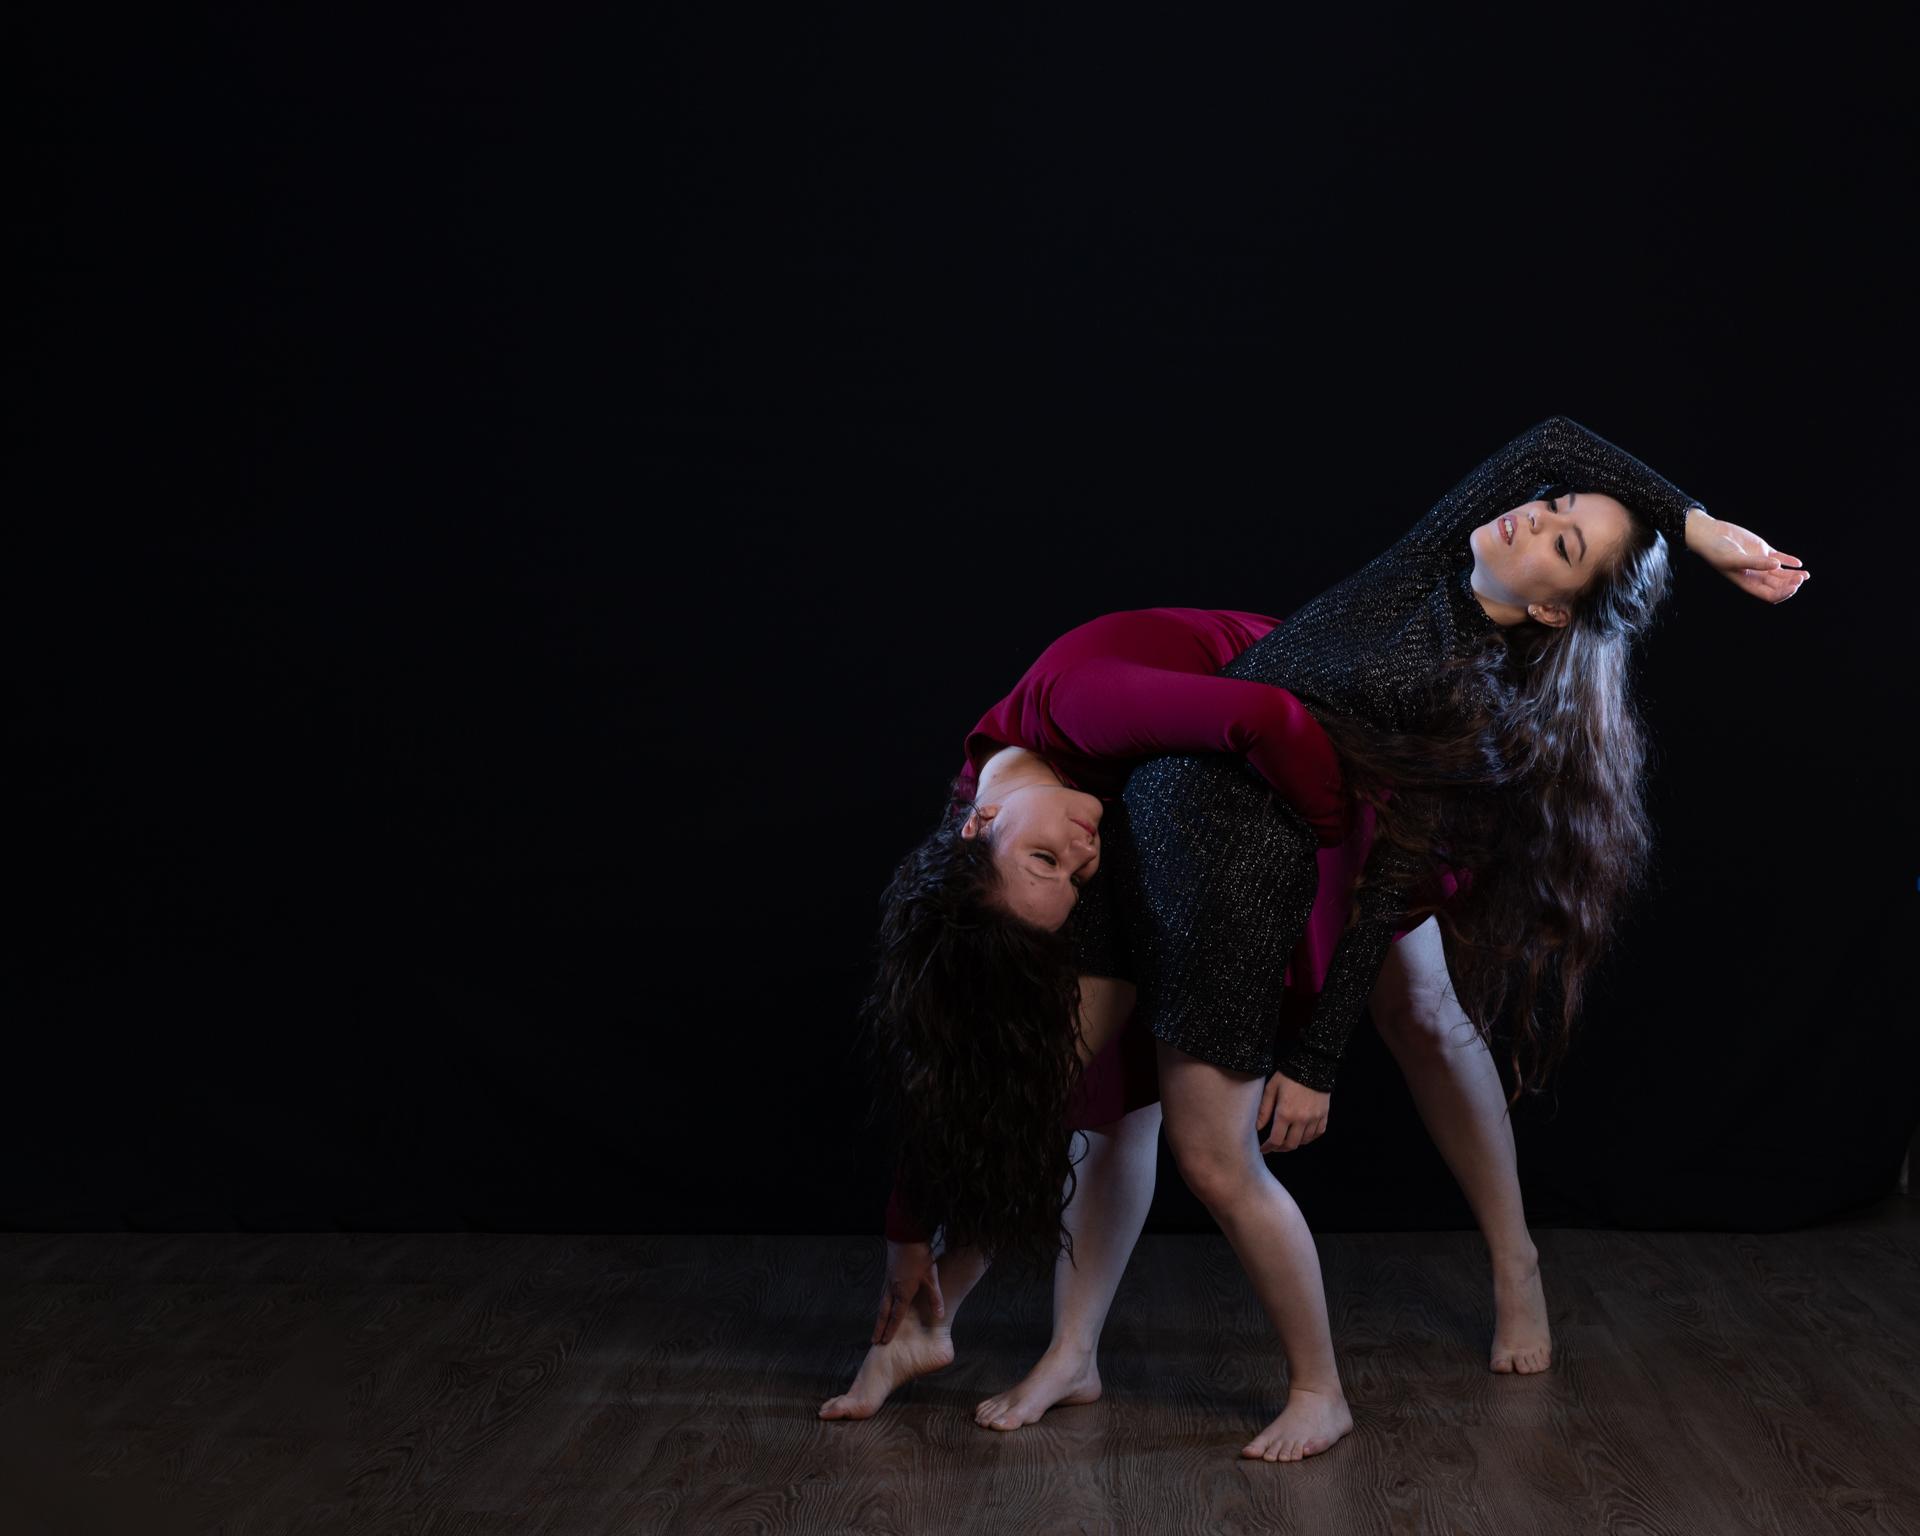 CFrenette-Jessie-Julie-duo-13